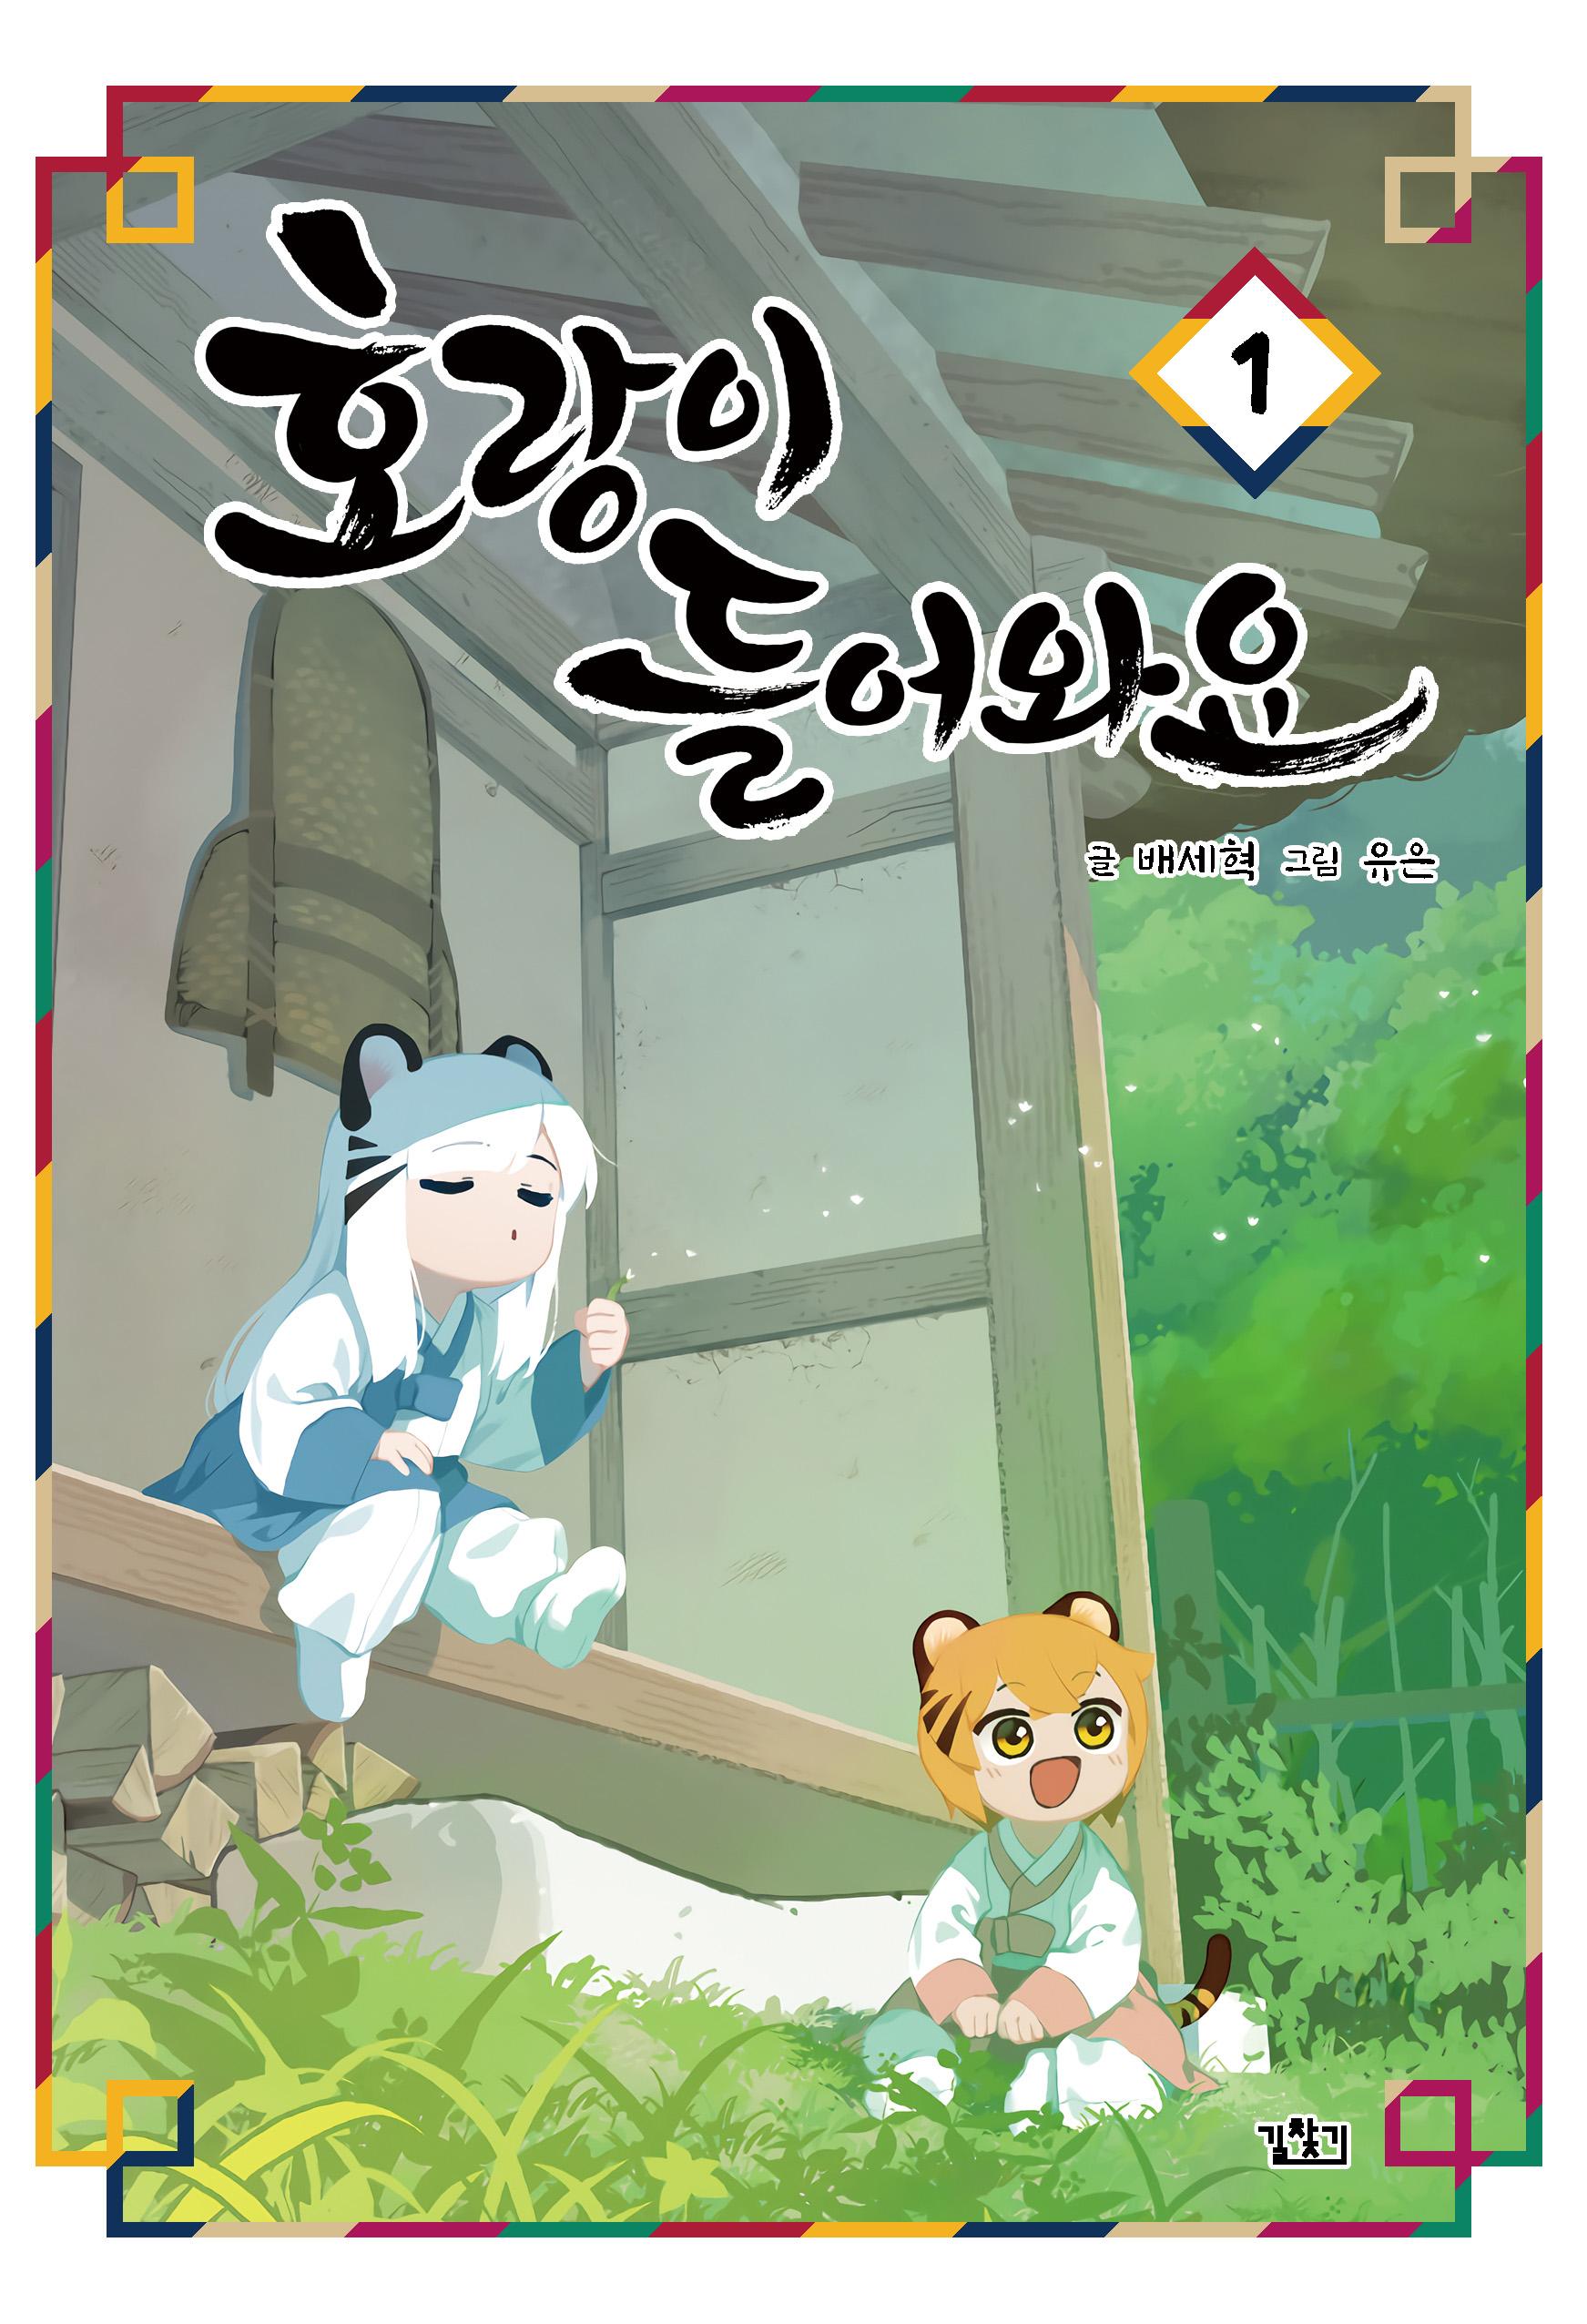 【코믹스】 호랑이 들어와요 01 ★특별판 세트★